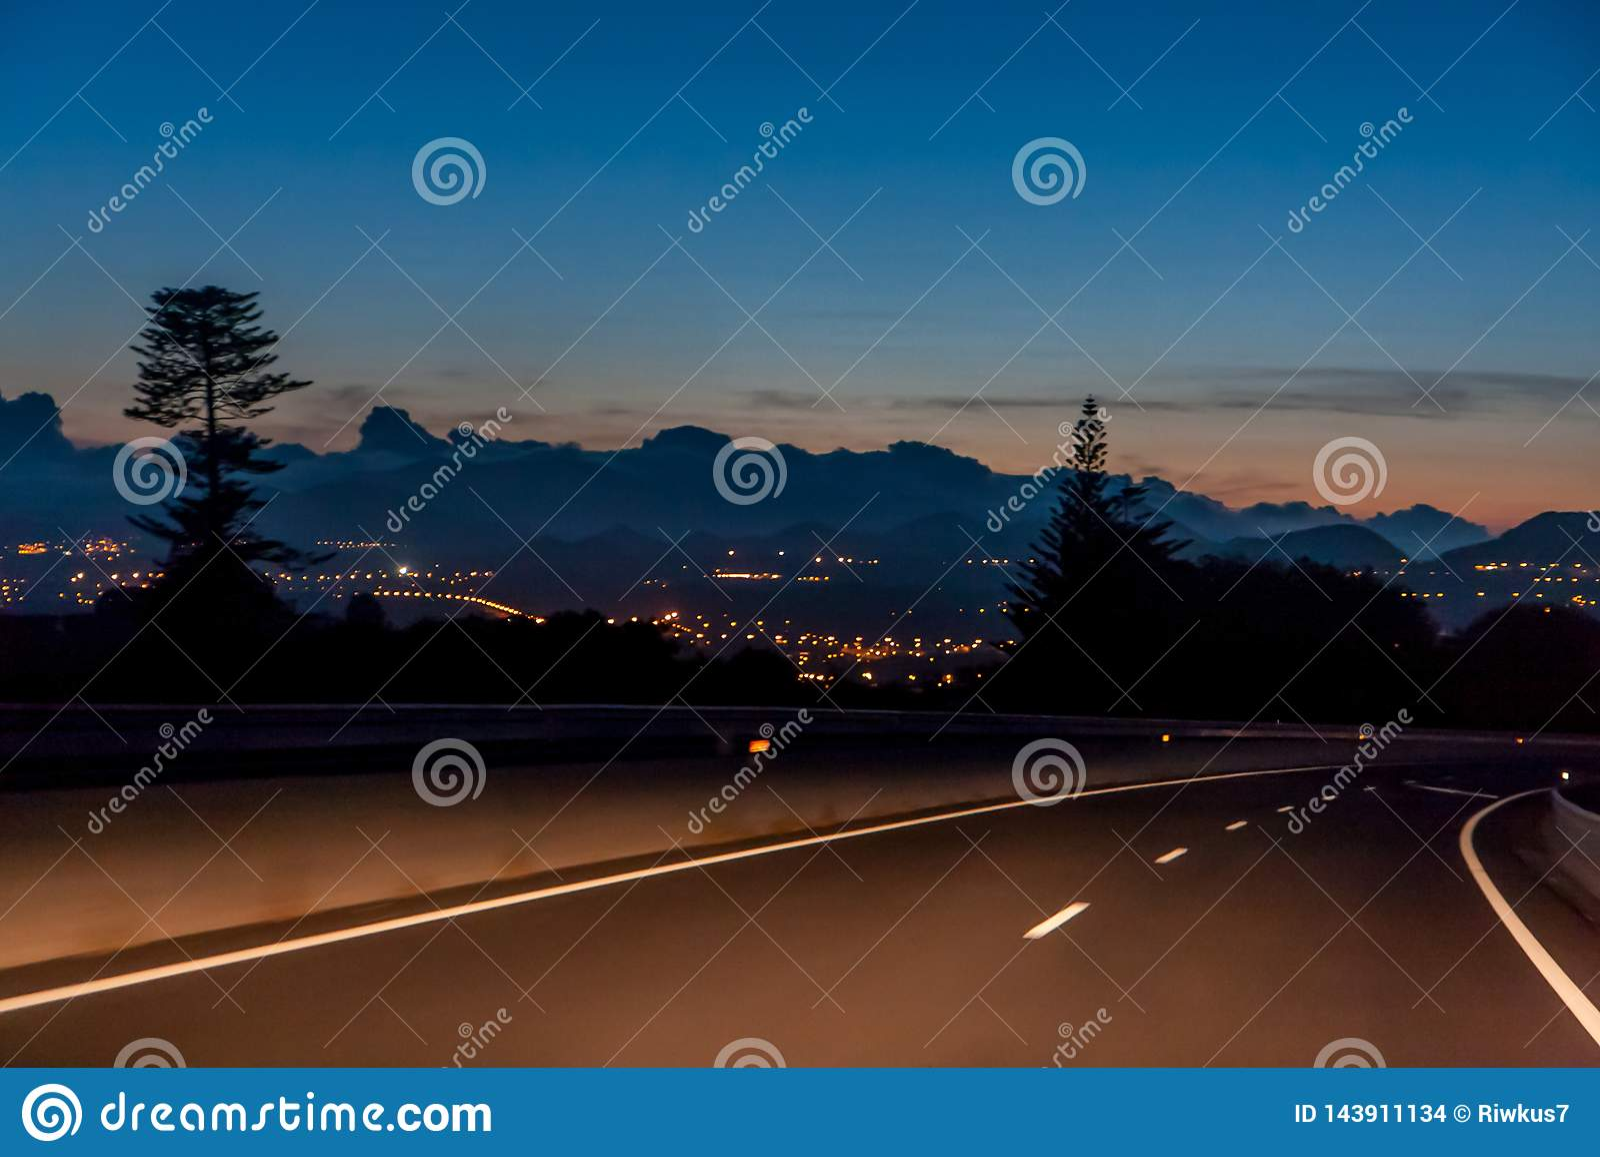 Viaje de la noche con una hermosa vista de las luces de la ciudad